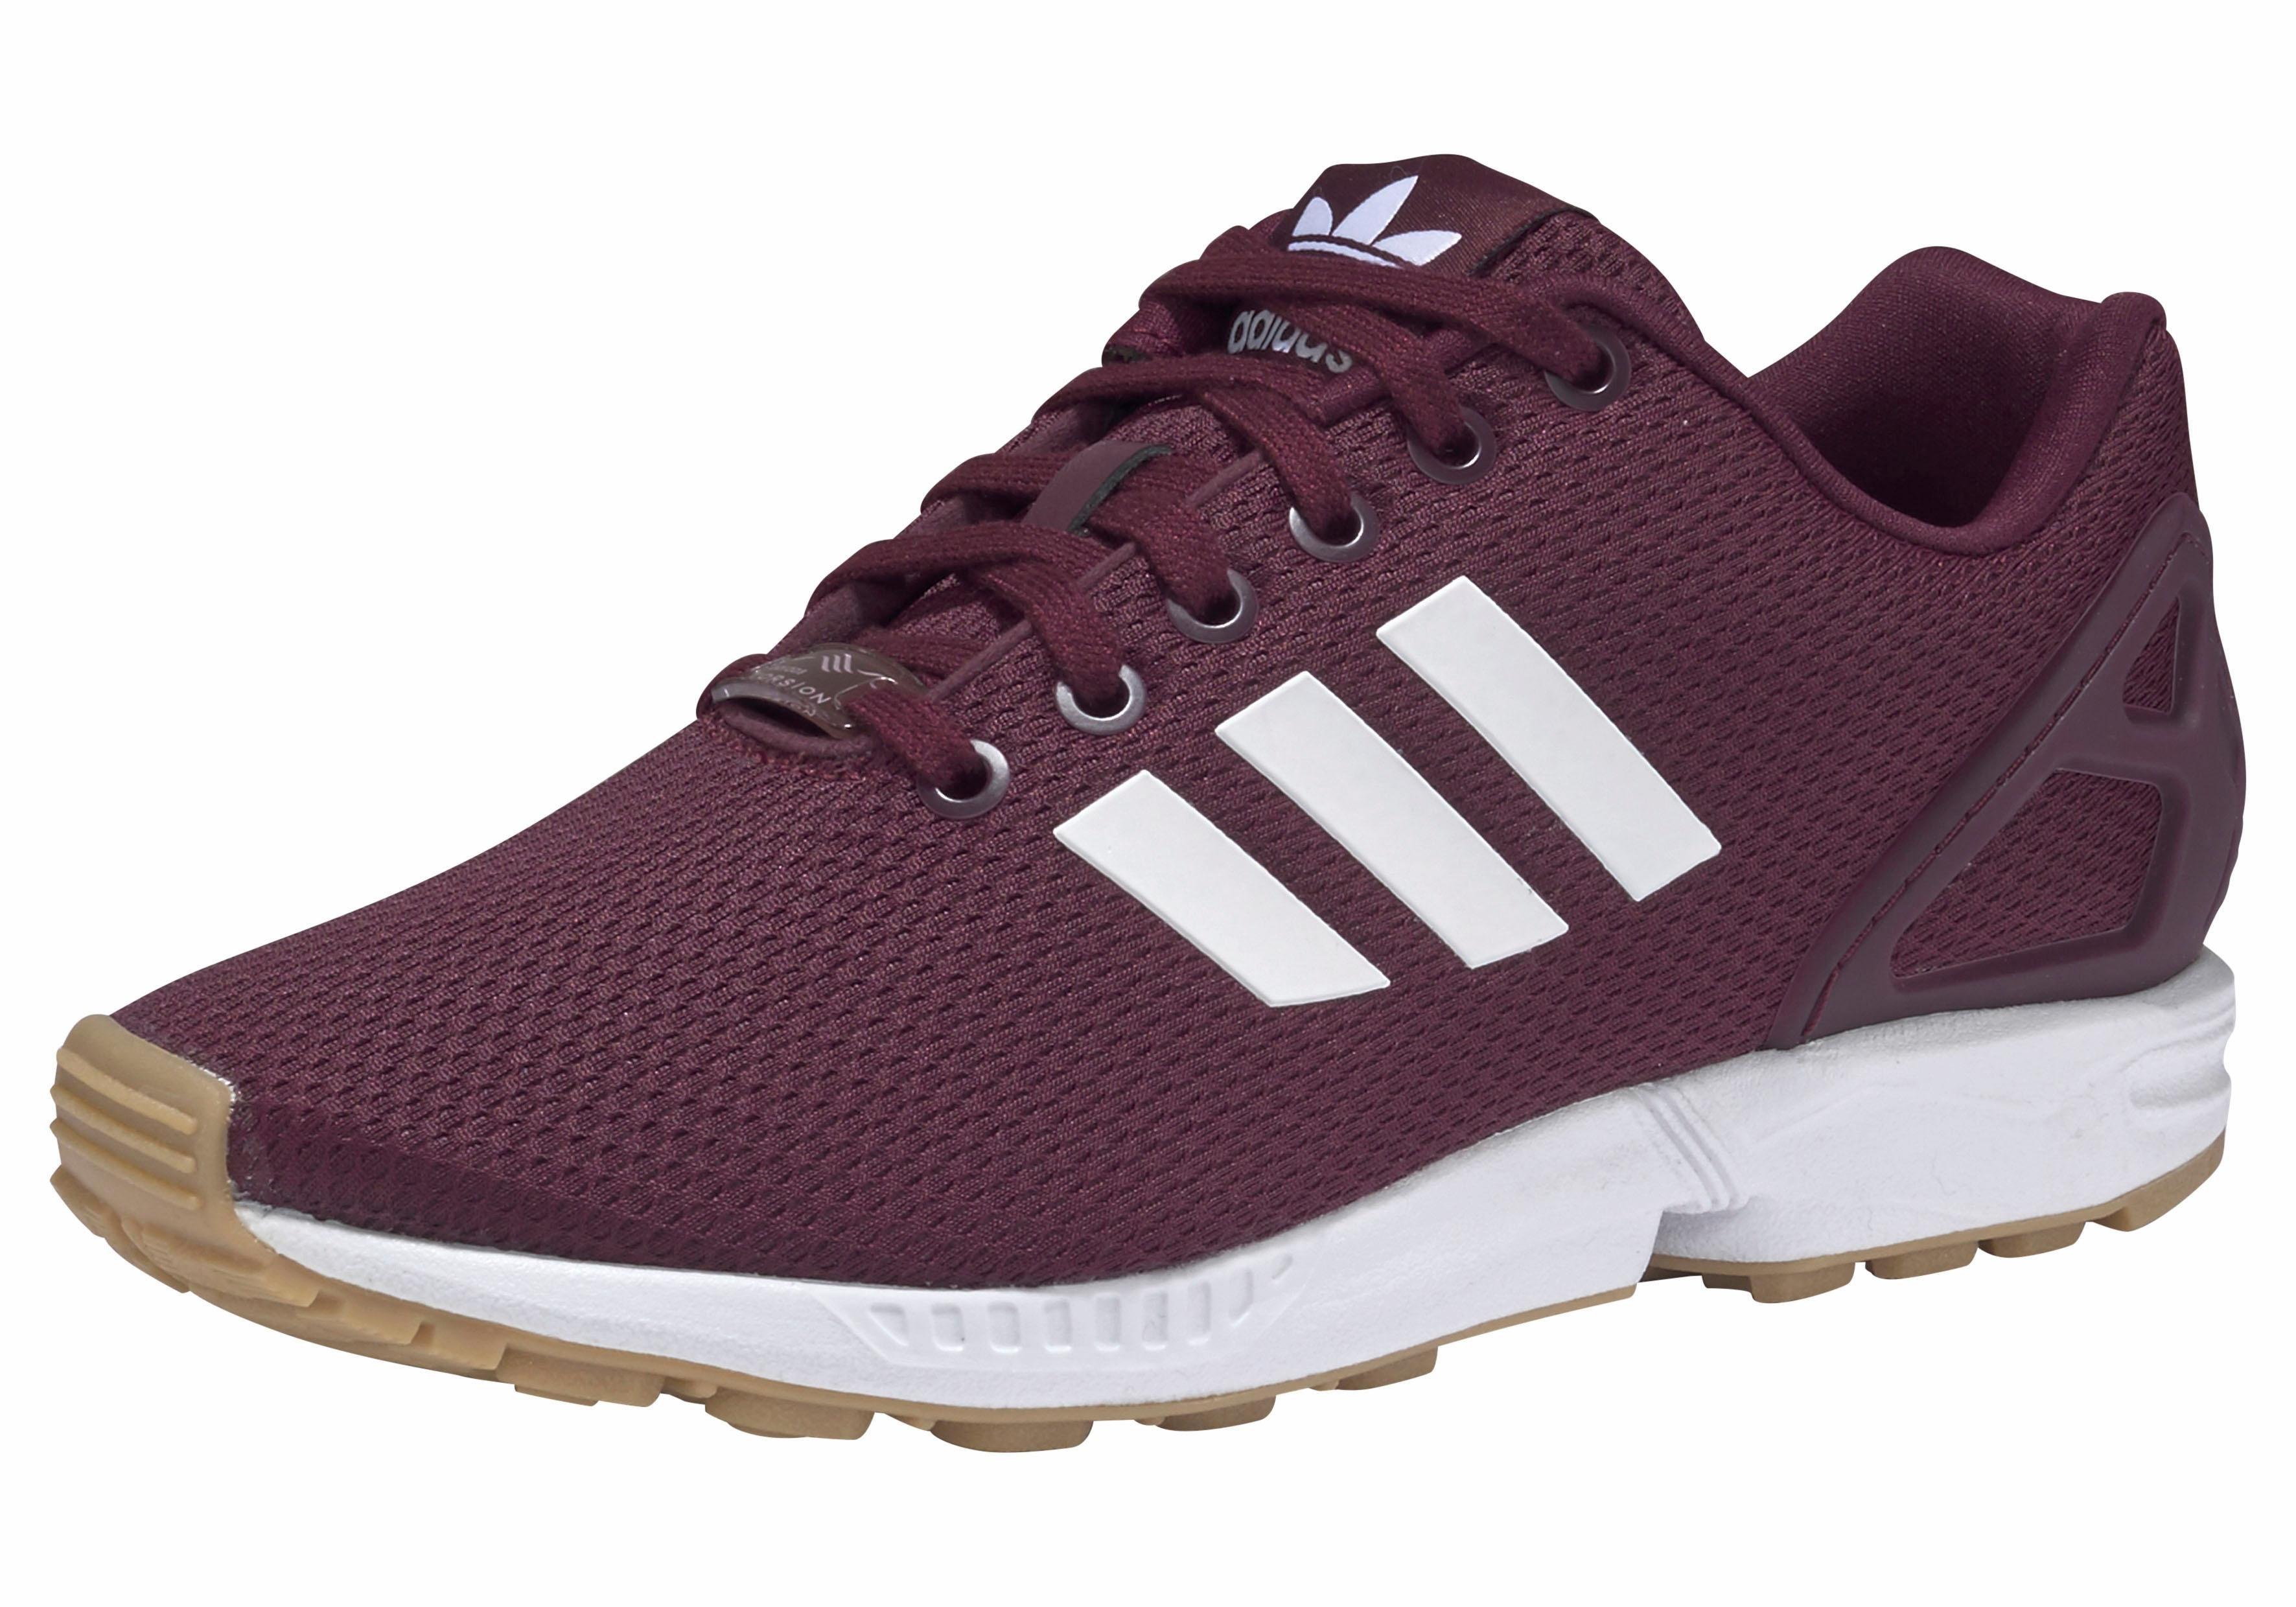 ff6b4508049 Afbeeldingsbron: adidas Originals sneakers »ZX Flux Seasonal«. In  winkelmandje